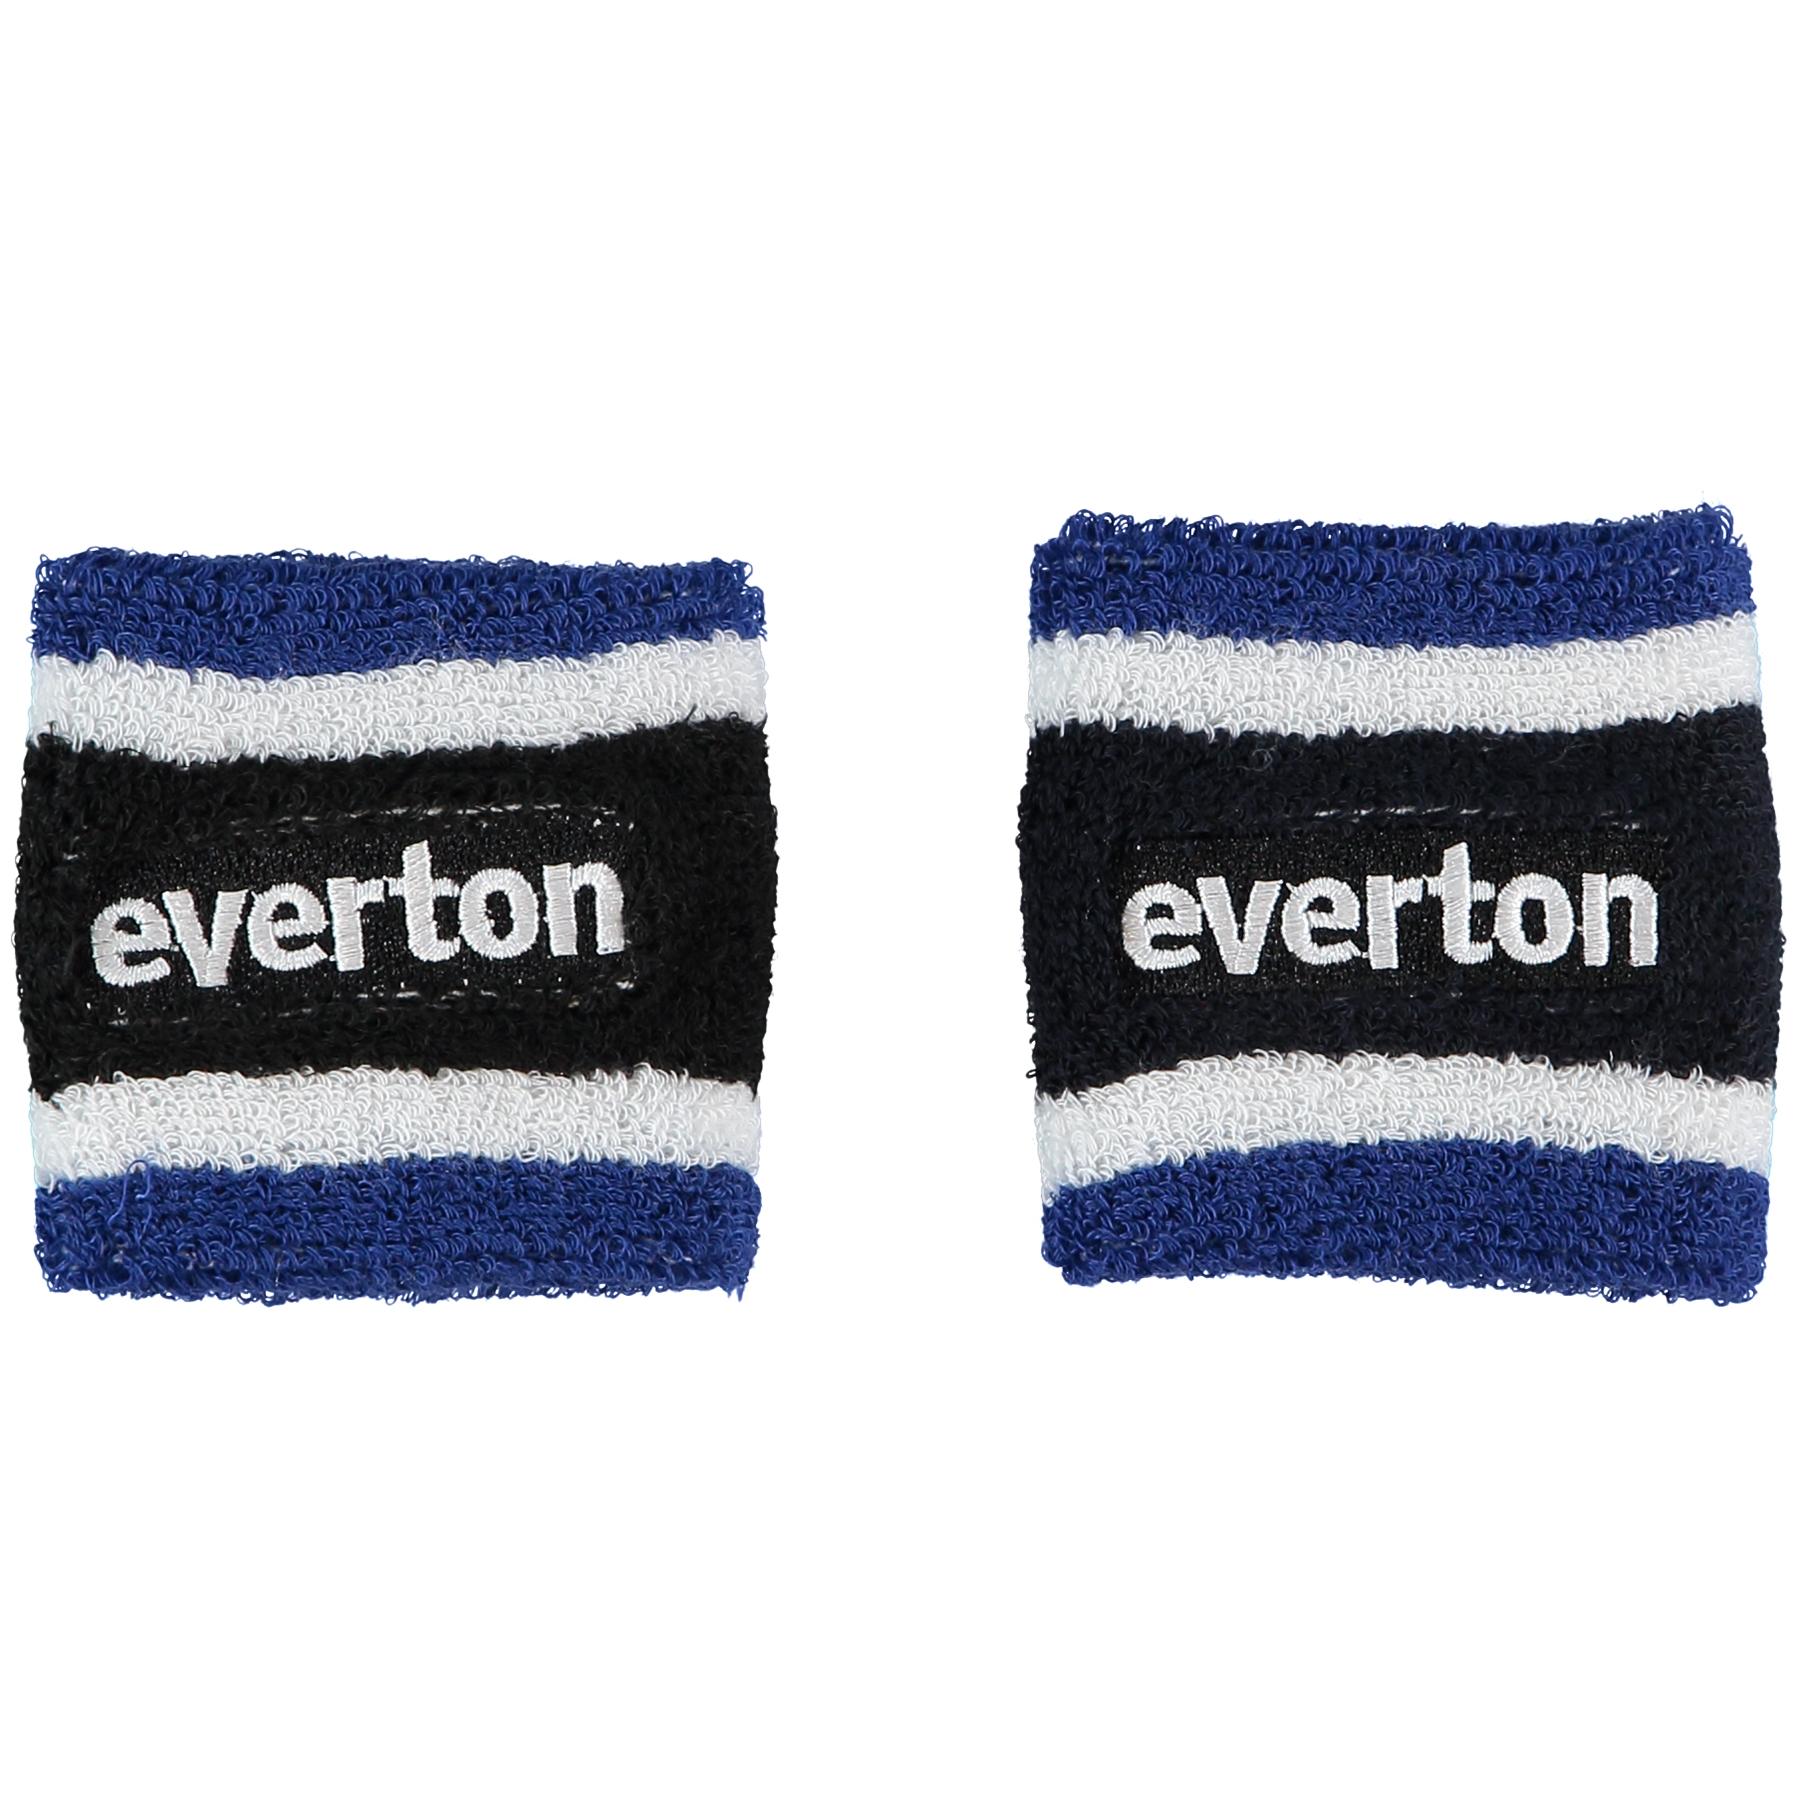 Everton Sweatbands